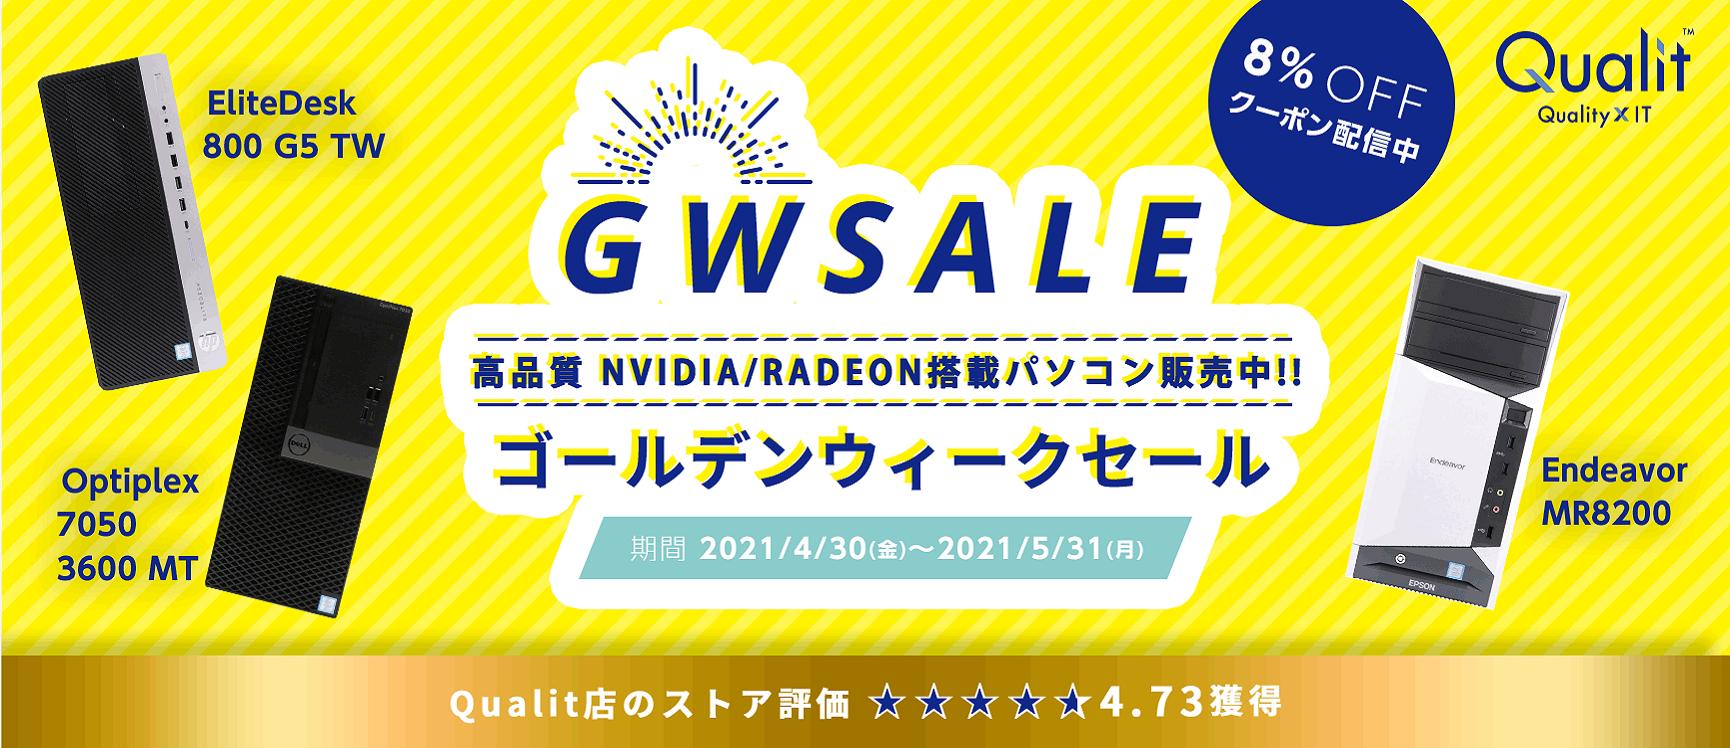 Qualit クオリット GWWEEK ゴールデンウィークセール 高品質 NVIDA/RADION 搭載パソコン販売中!!